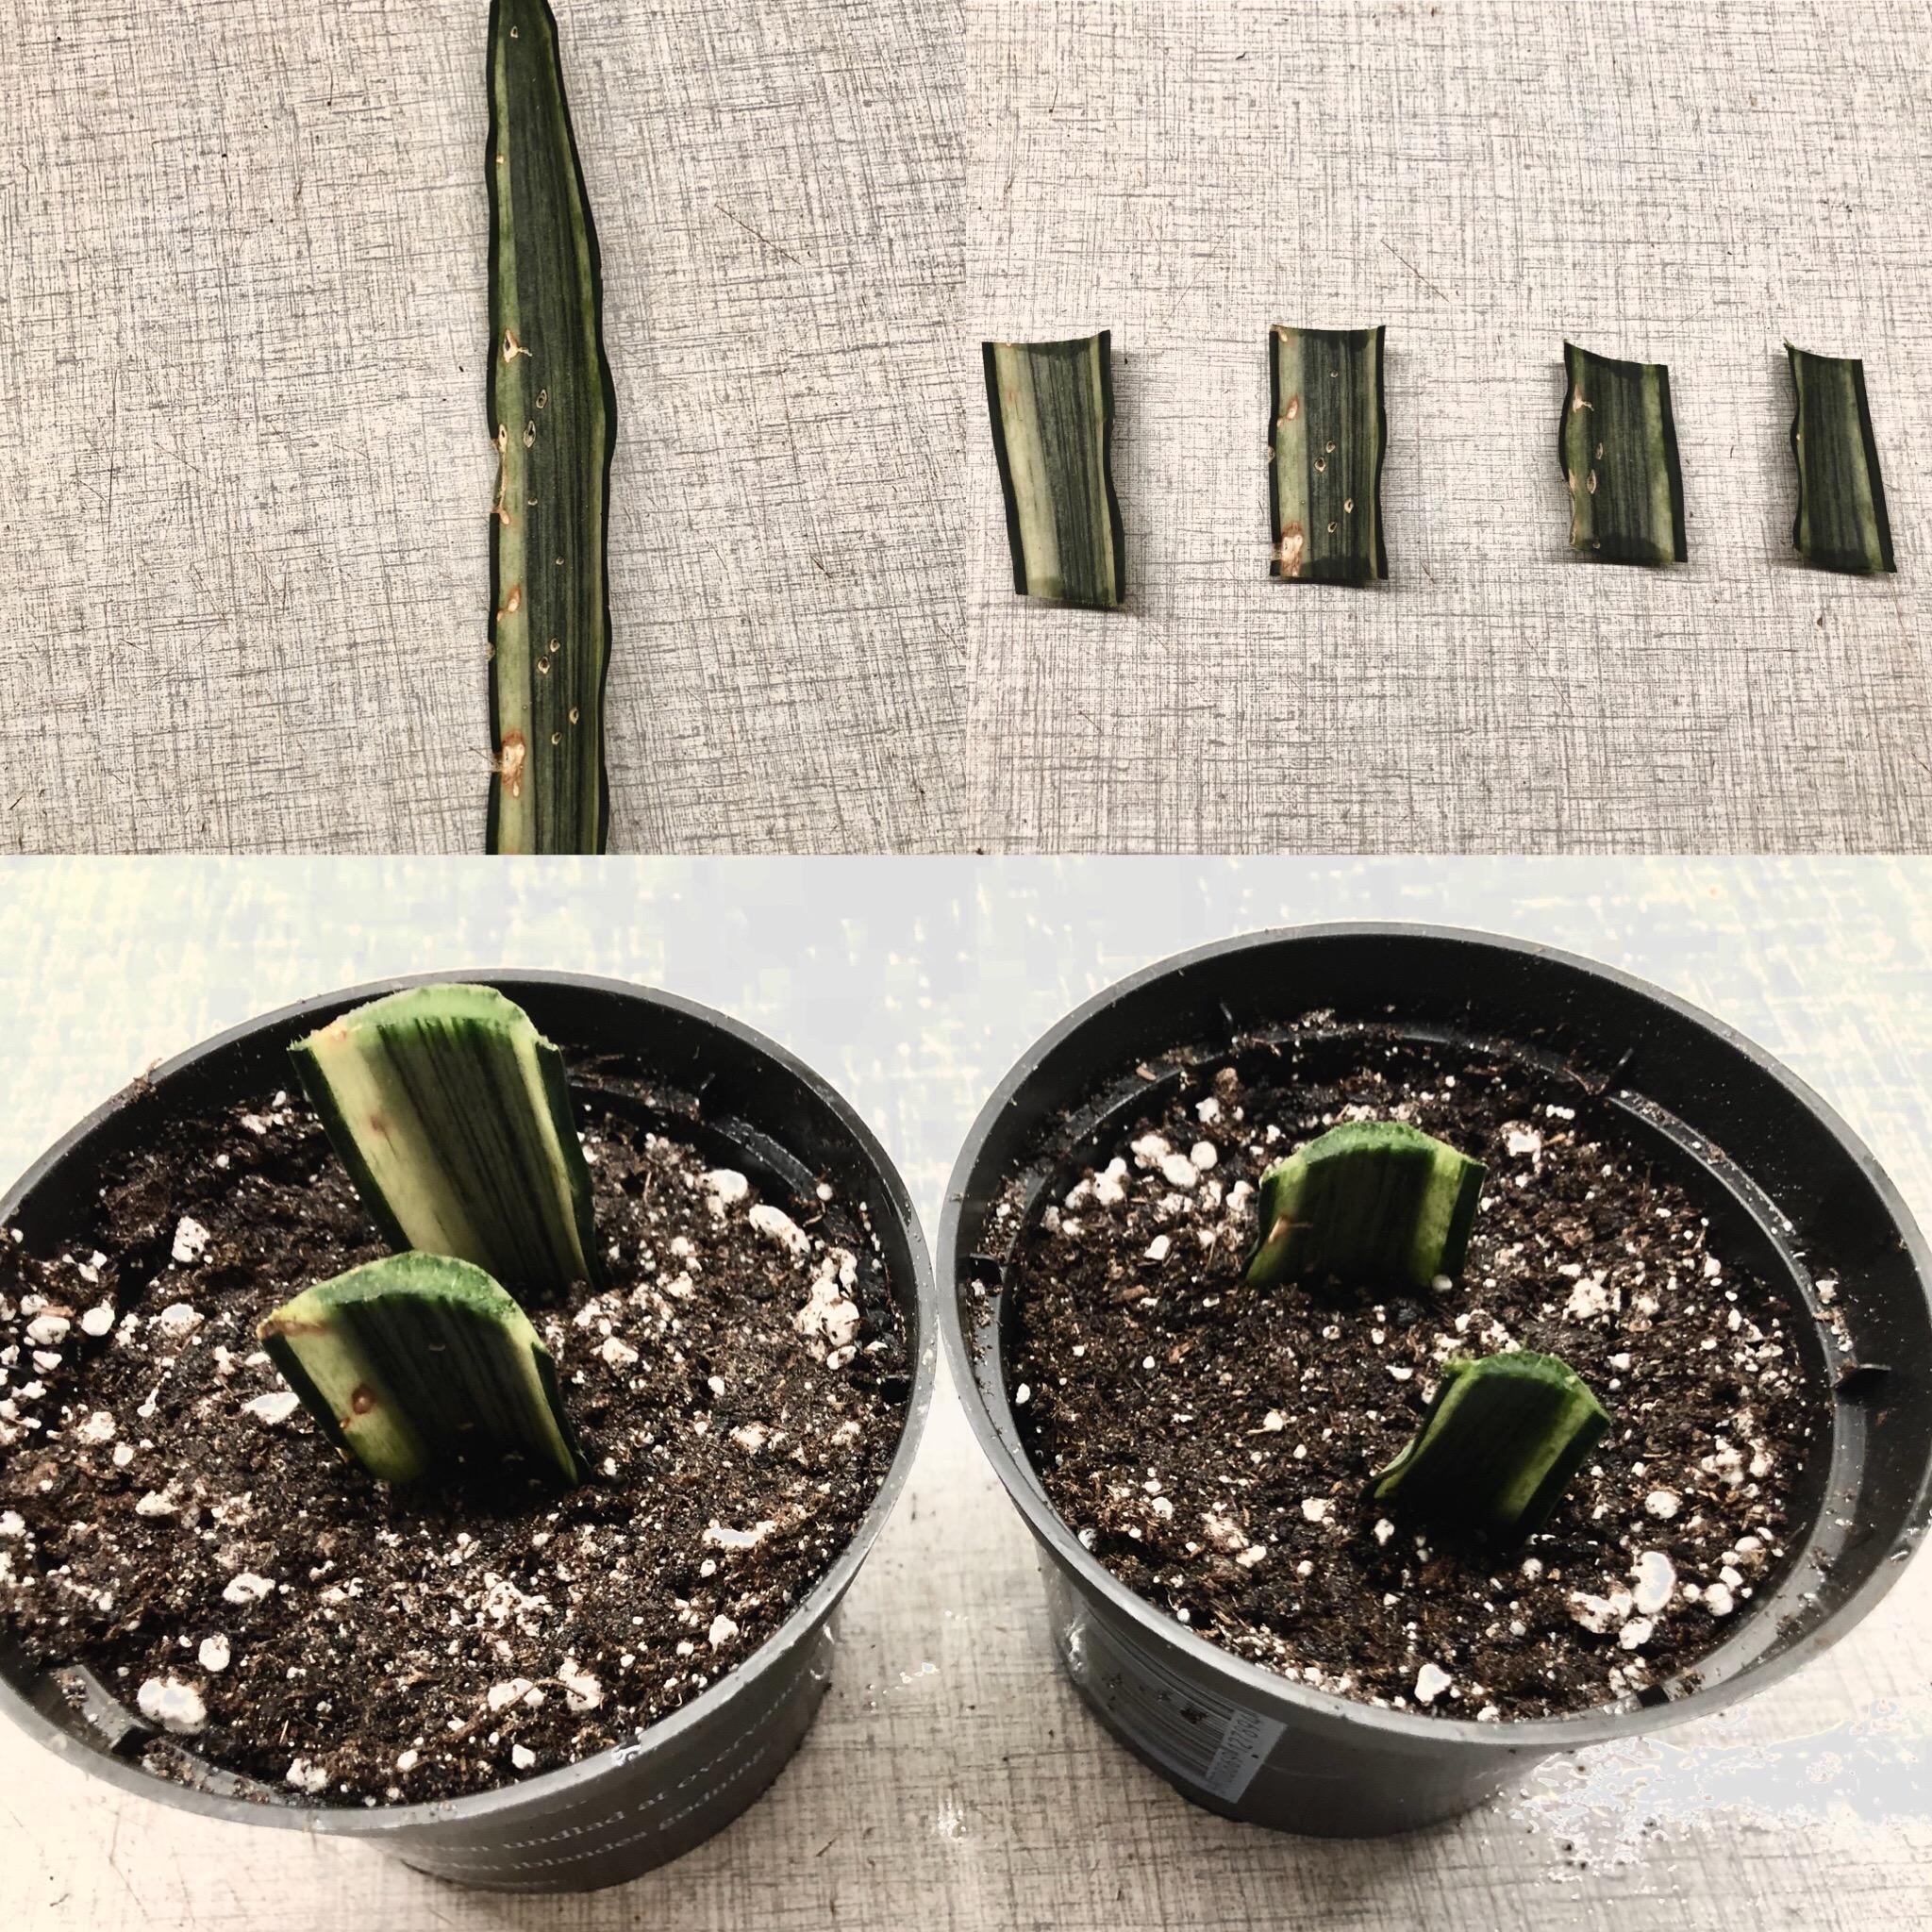 Jeg forsøger mig med at formere en af mine Sansevaria. Bladet her blev noget medtaget, da vi havde kattekillinger, så jeg har klippet det af og i fire stykker. Dem stikker jeg i jord, og så burde de slå rødder. Dog er det vigtigt, at bladstumpen vender samme vej, som da det voksede på planten.